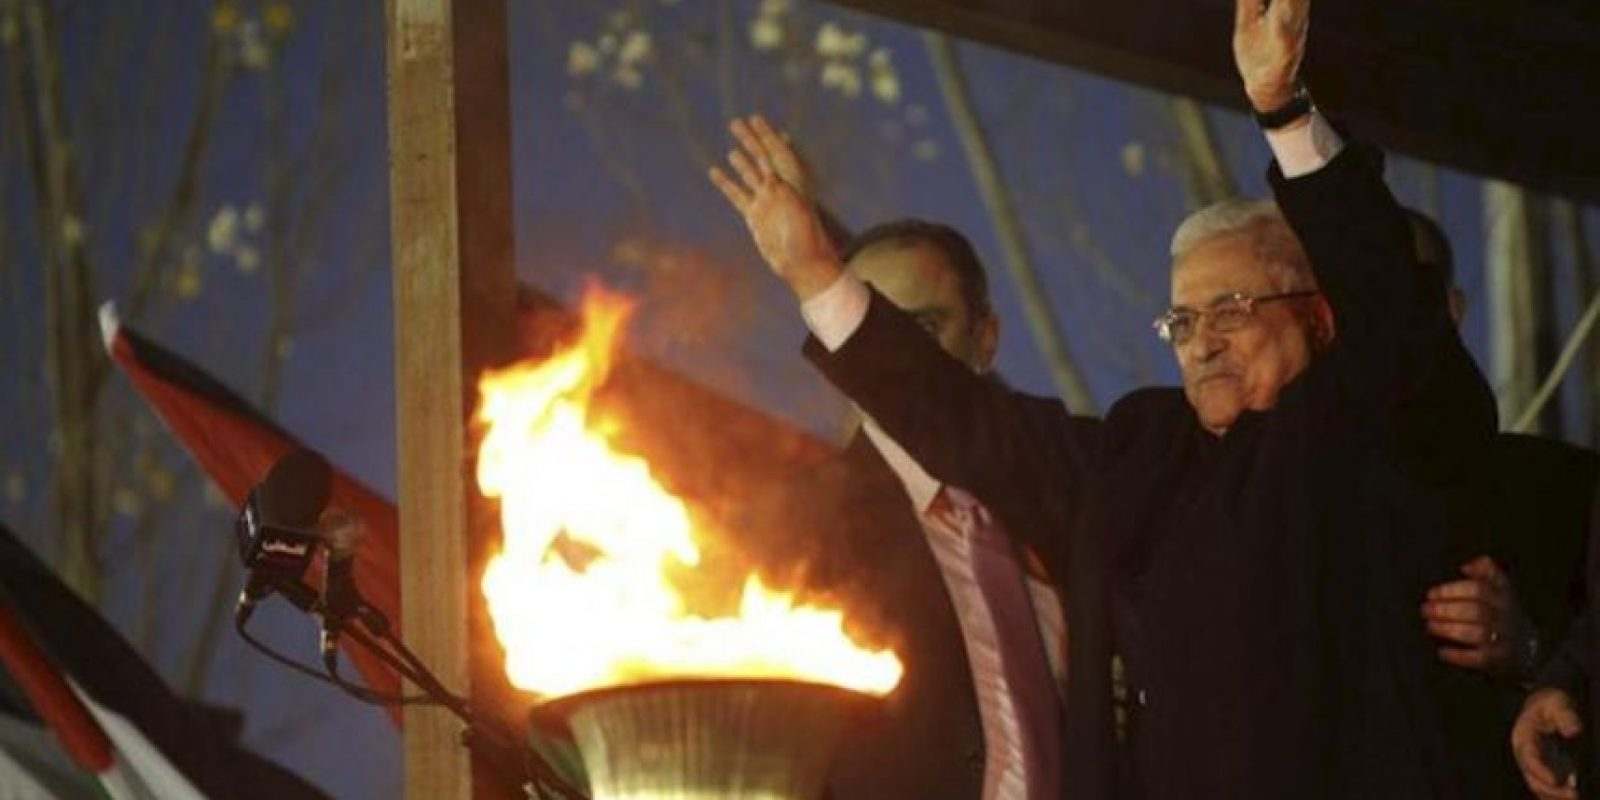 El presidente palestino, Mahmud Abás, saluda a sus seguidores durante una celebración pública para conmemorar el 48 aniversario de la fundación del partido. EFE